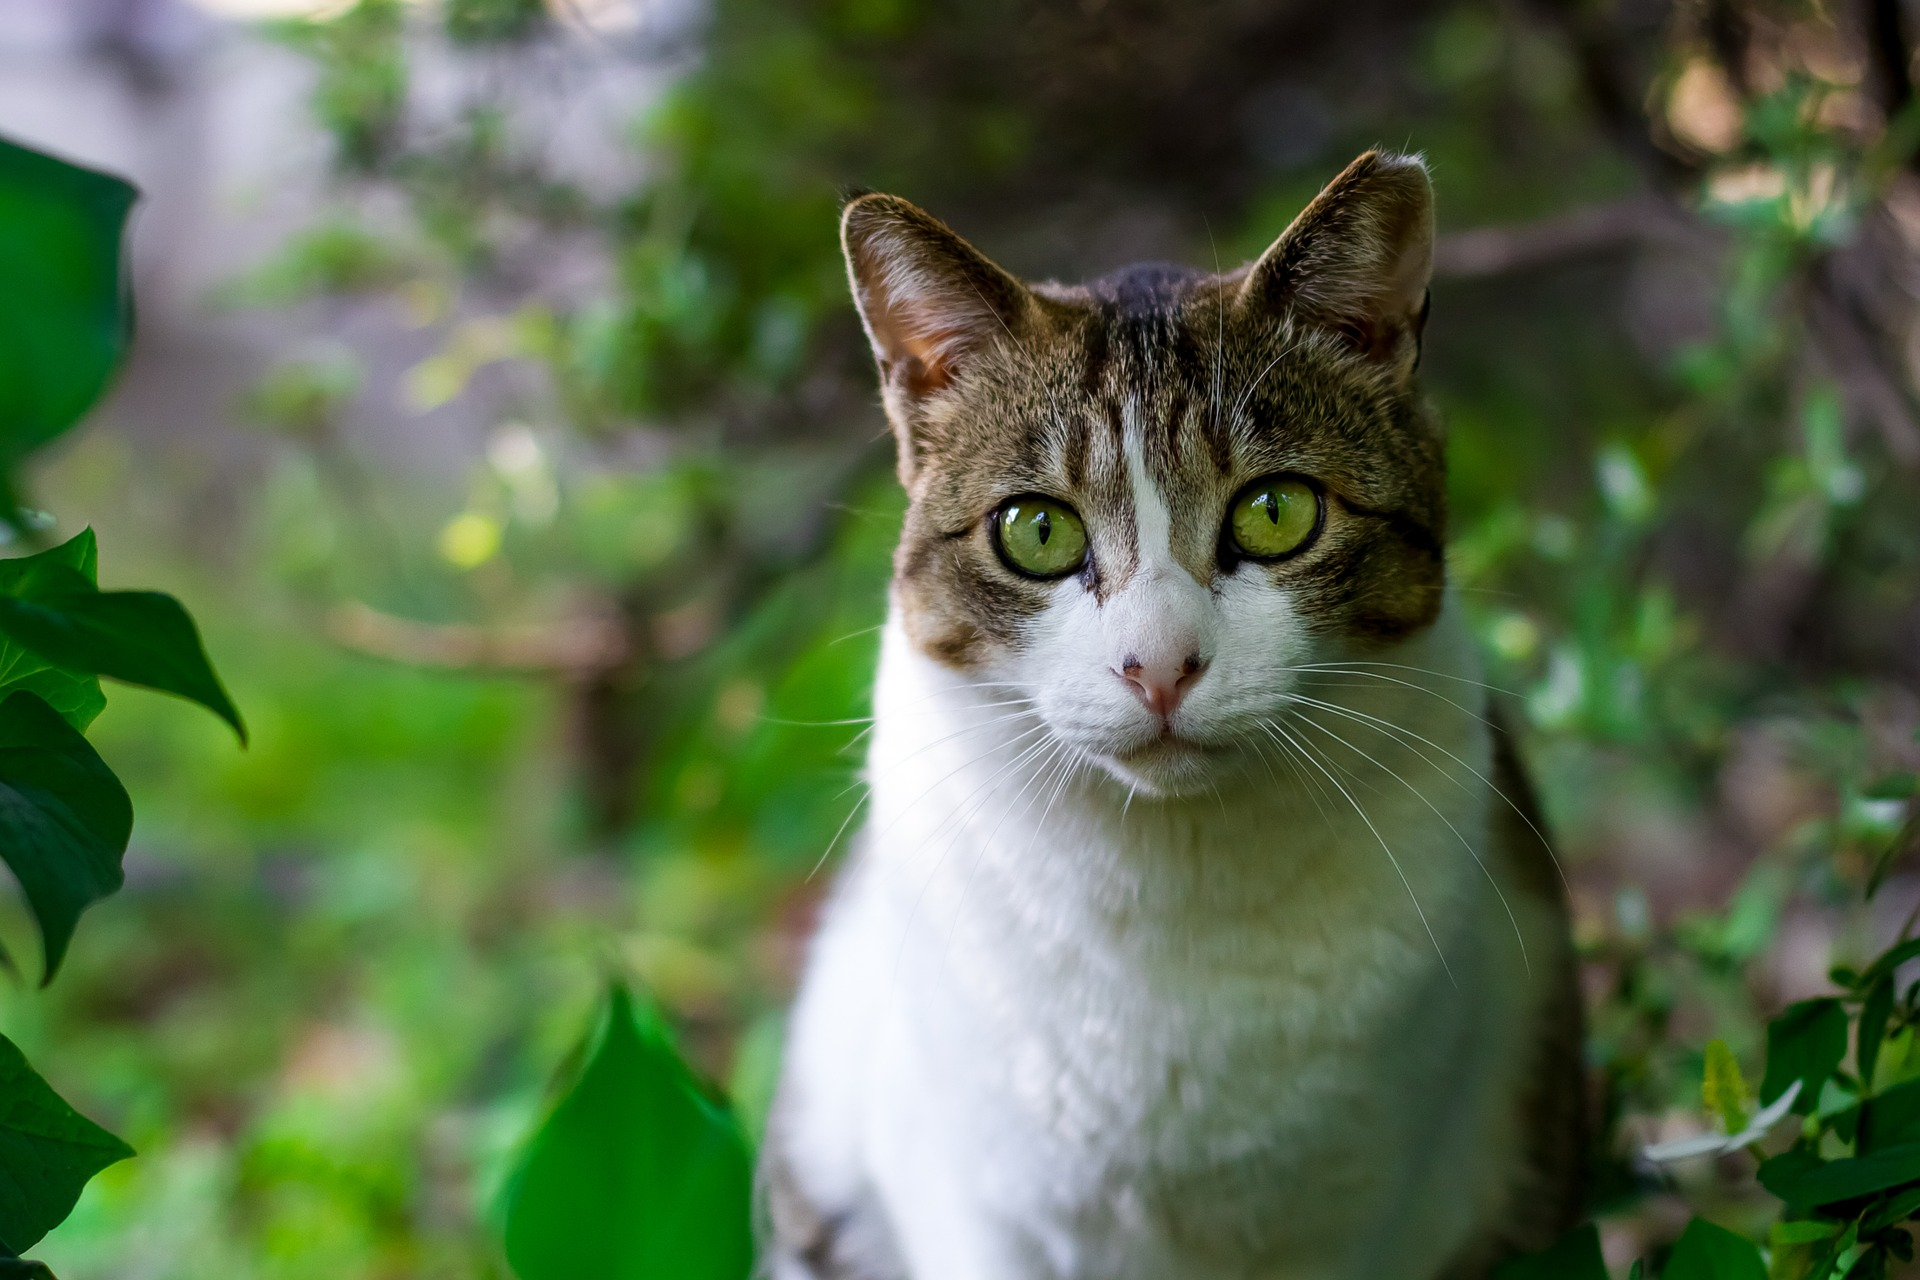 cat-725793_1920